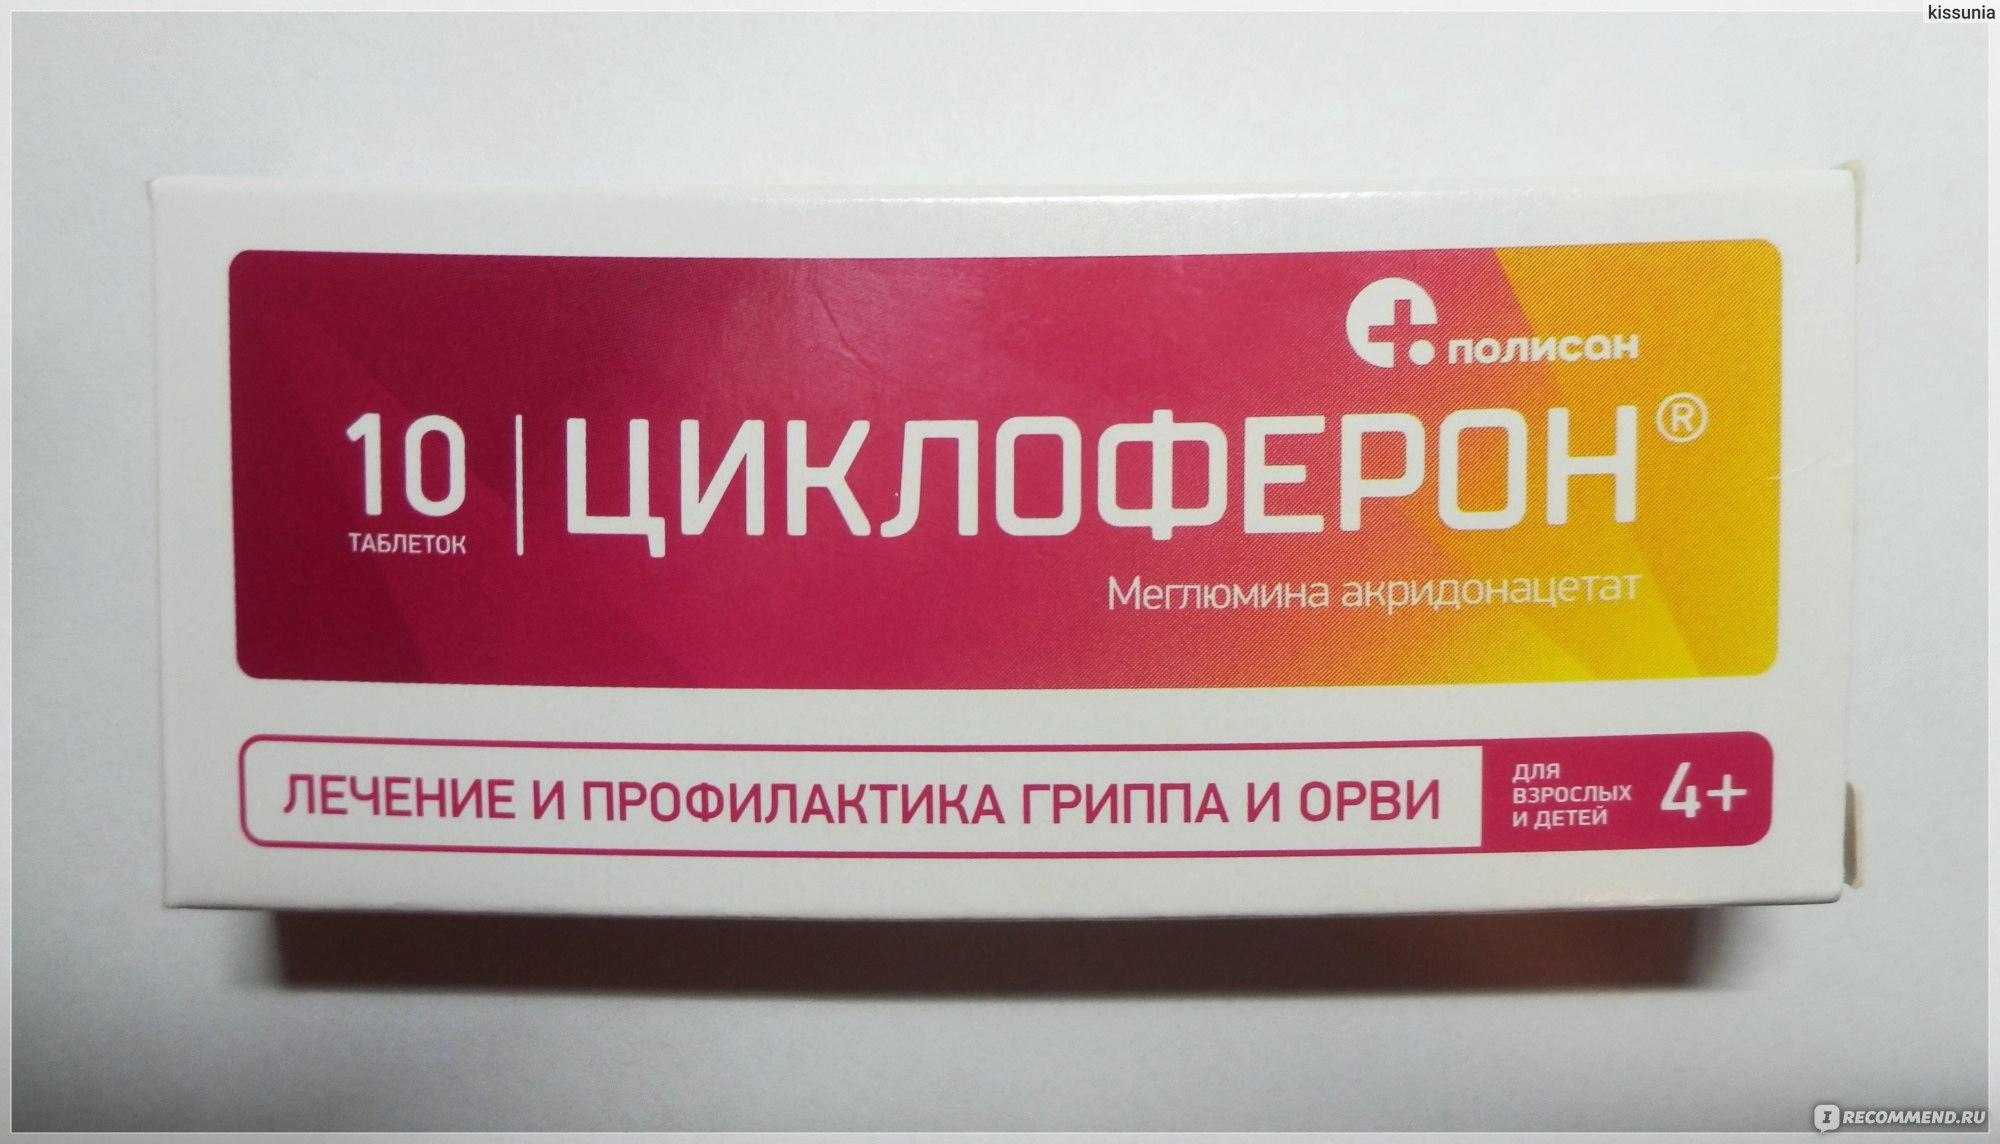 циклоферон для лечения простатита